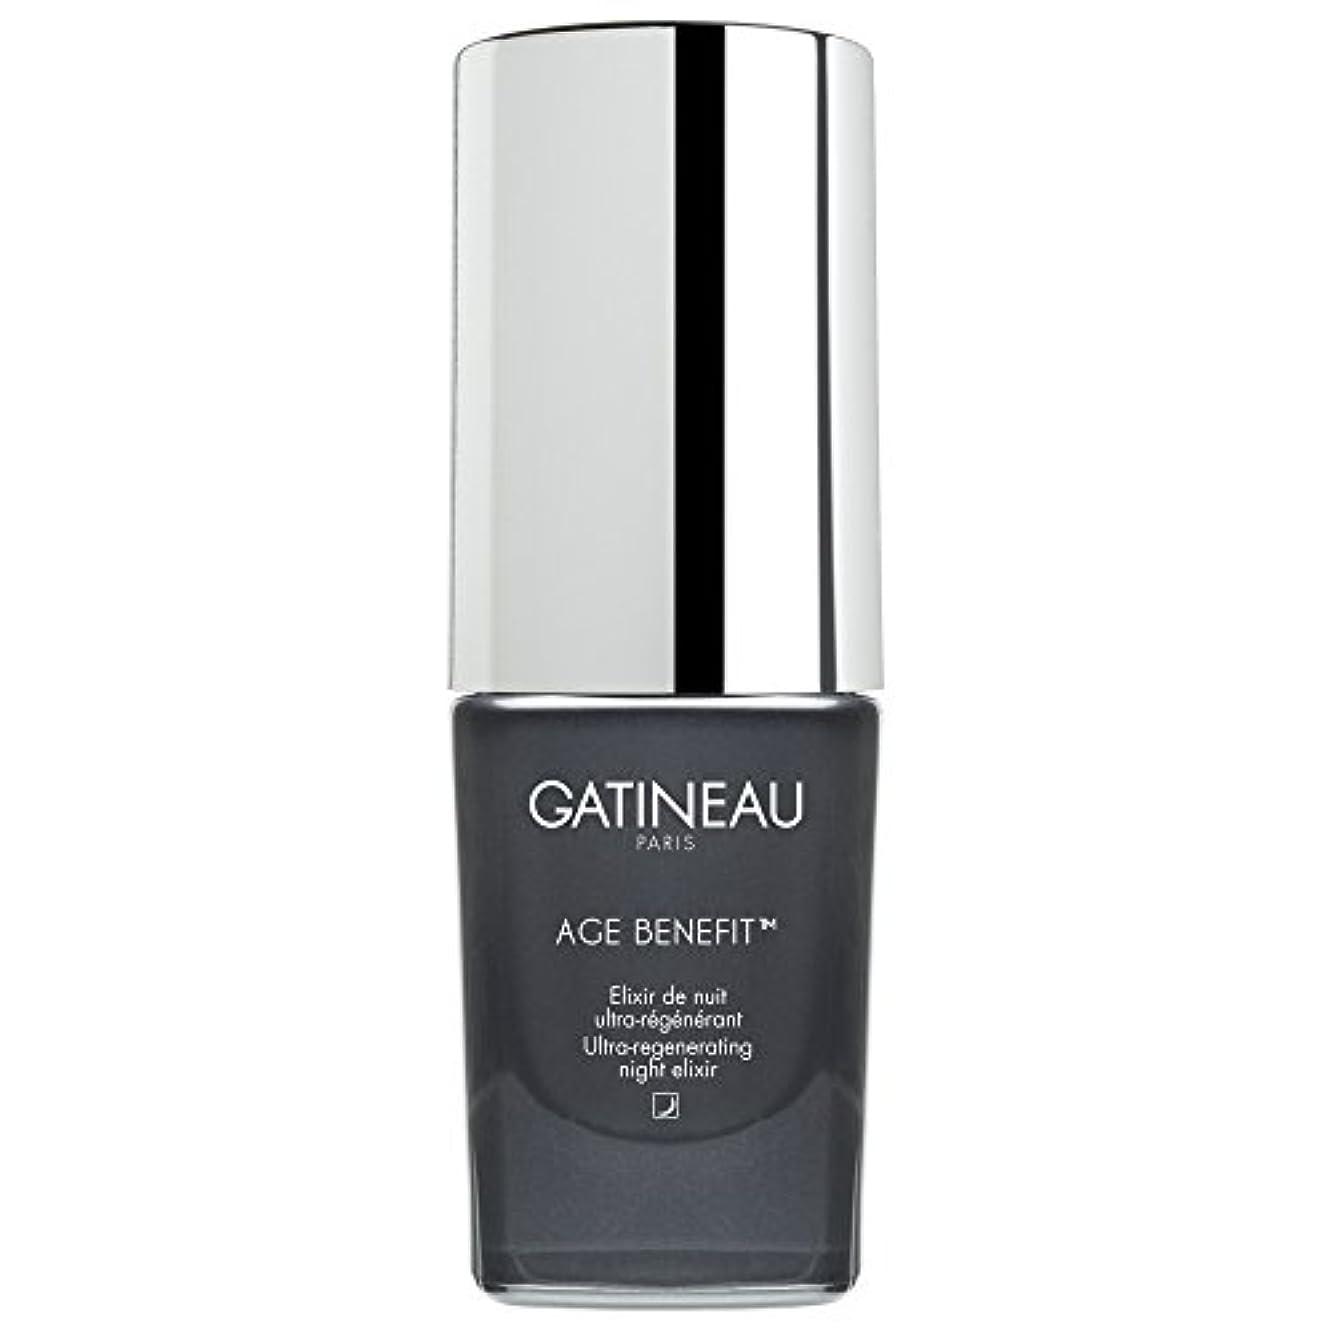 歴史的中央値苗ガティノー年齢給付超再生夜のエリクシルの15ミリリットル (Gatineau) (x2) - Gatineau Age Benefit Ultra-Regenerating Night Elixir 15ml (Pack...